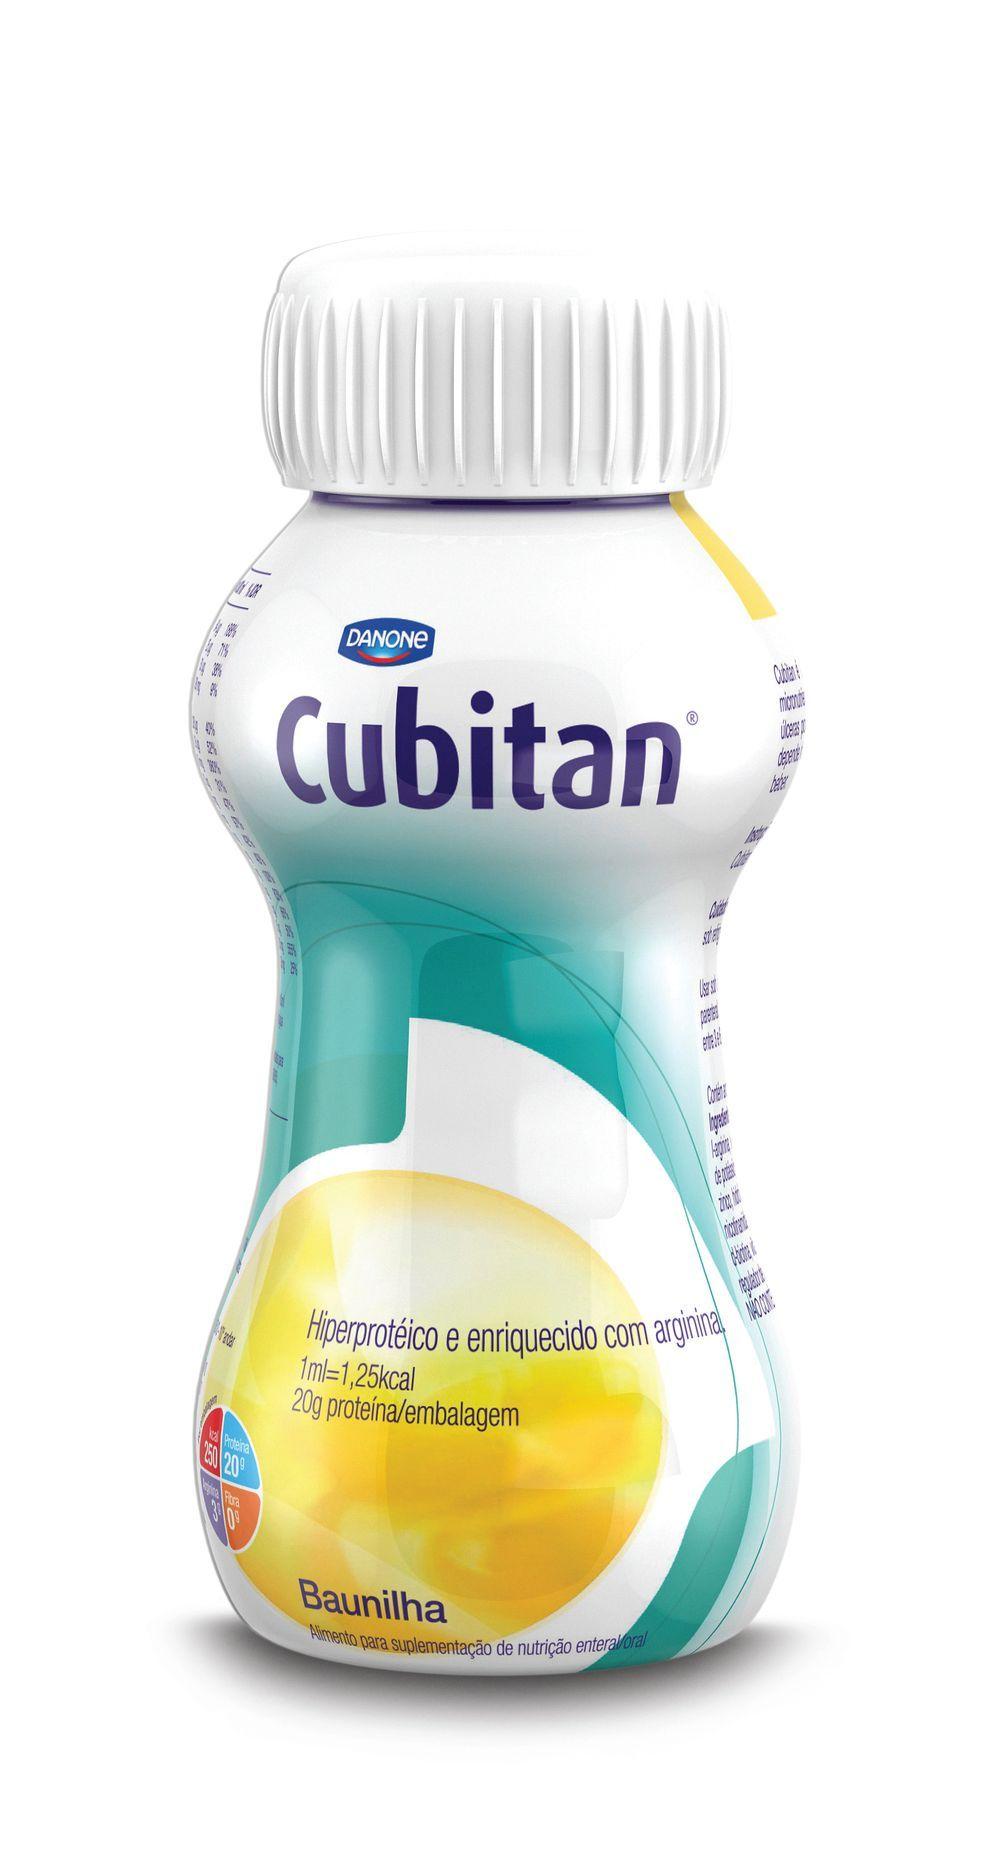 Cubitan Baunilha - 200mL - (Danone)